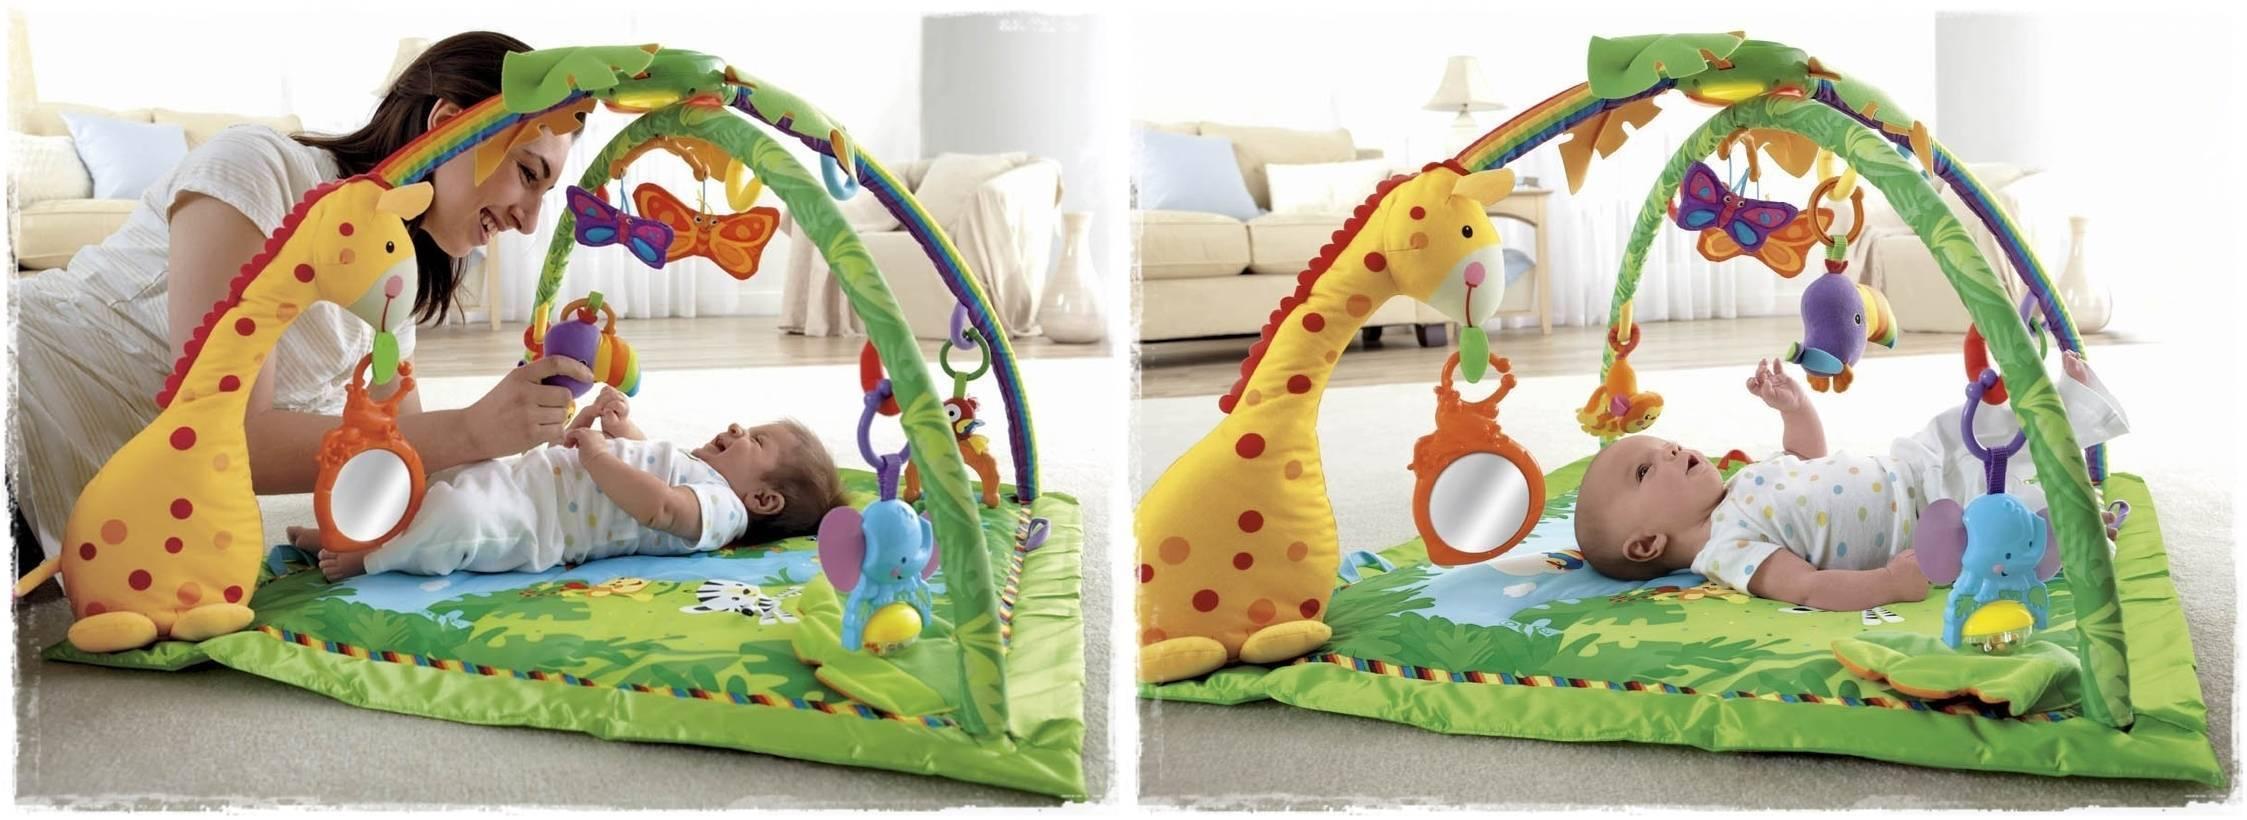 Что такое развивающий коврик? с какого возраста он нужен ребенку?